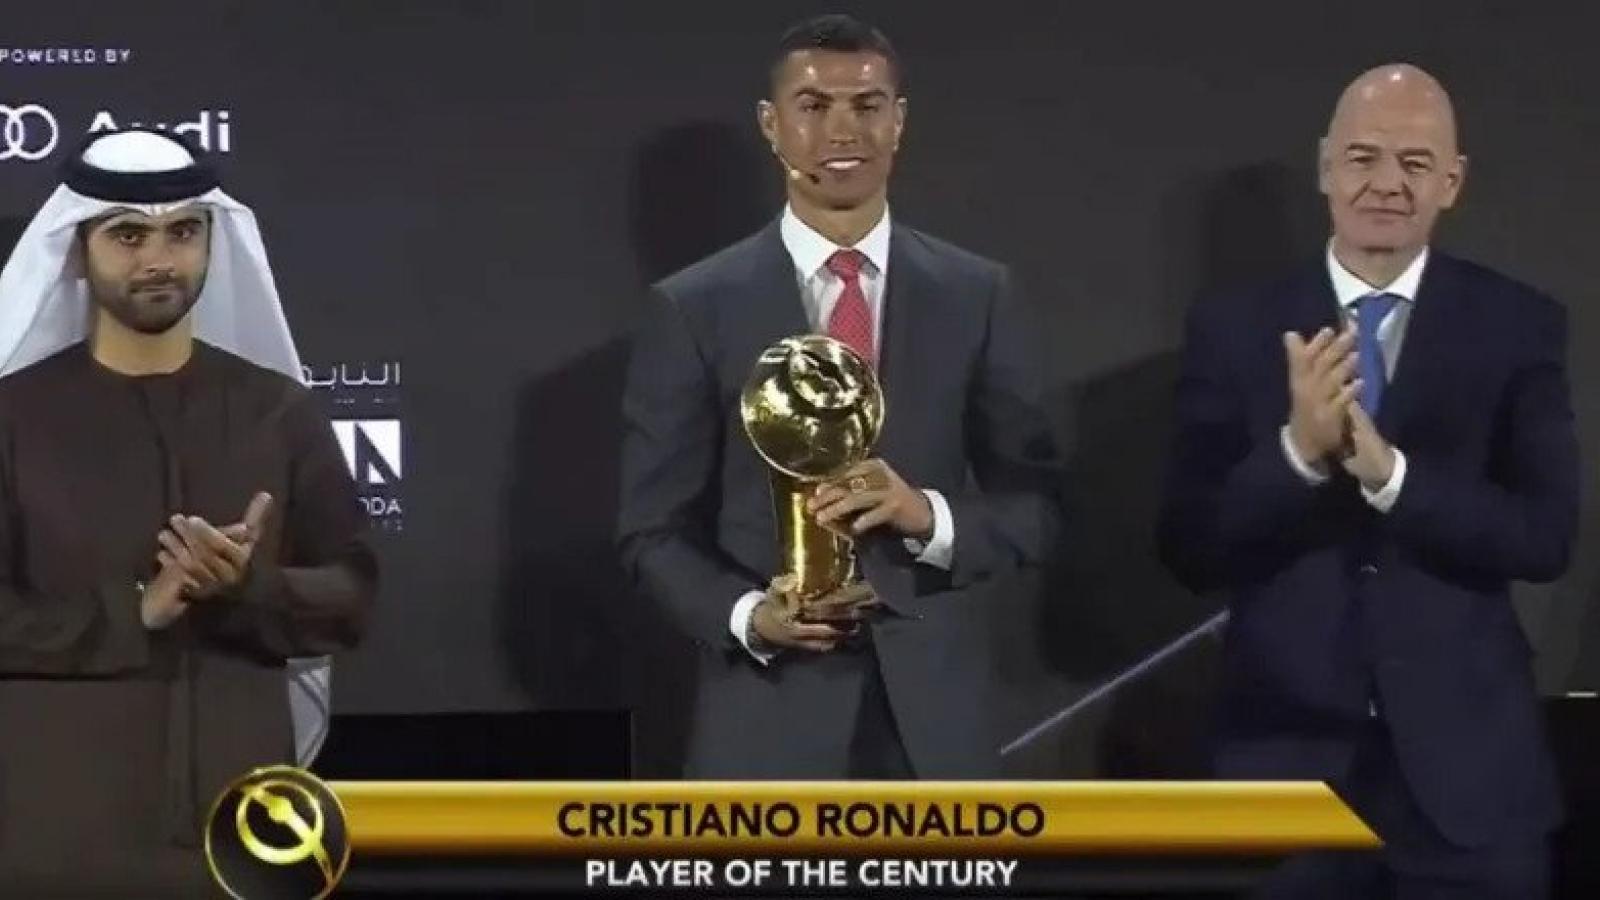 """Ronaldo vượt qua Messi để giật giải """"Cầu thủ xuất sắc nhất thế kỷ"""""""